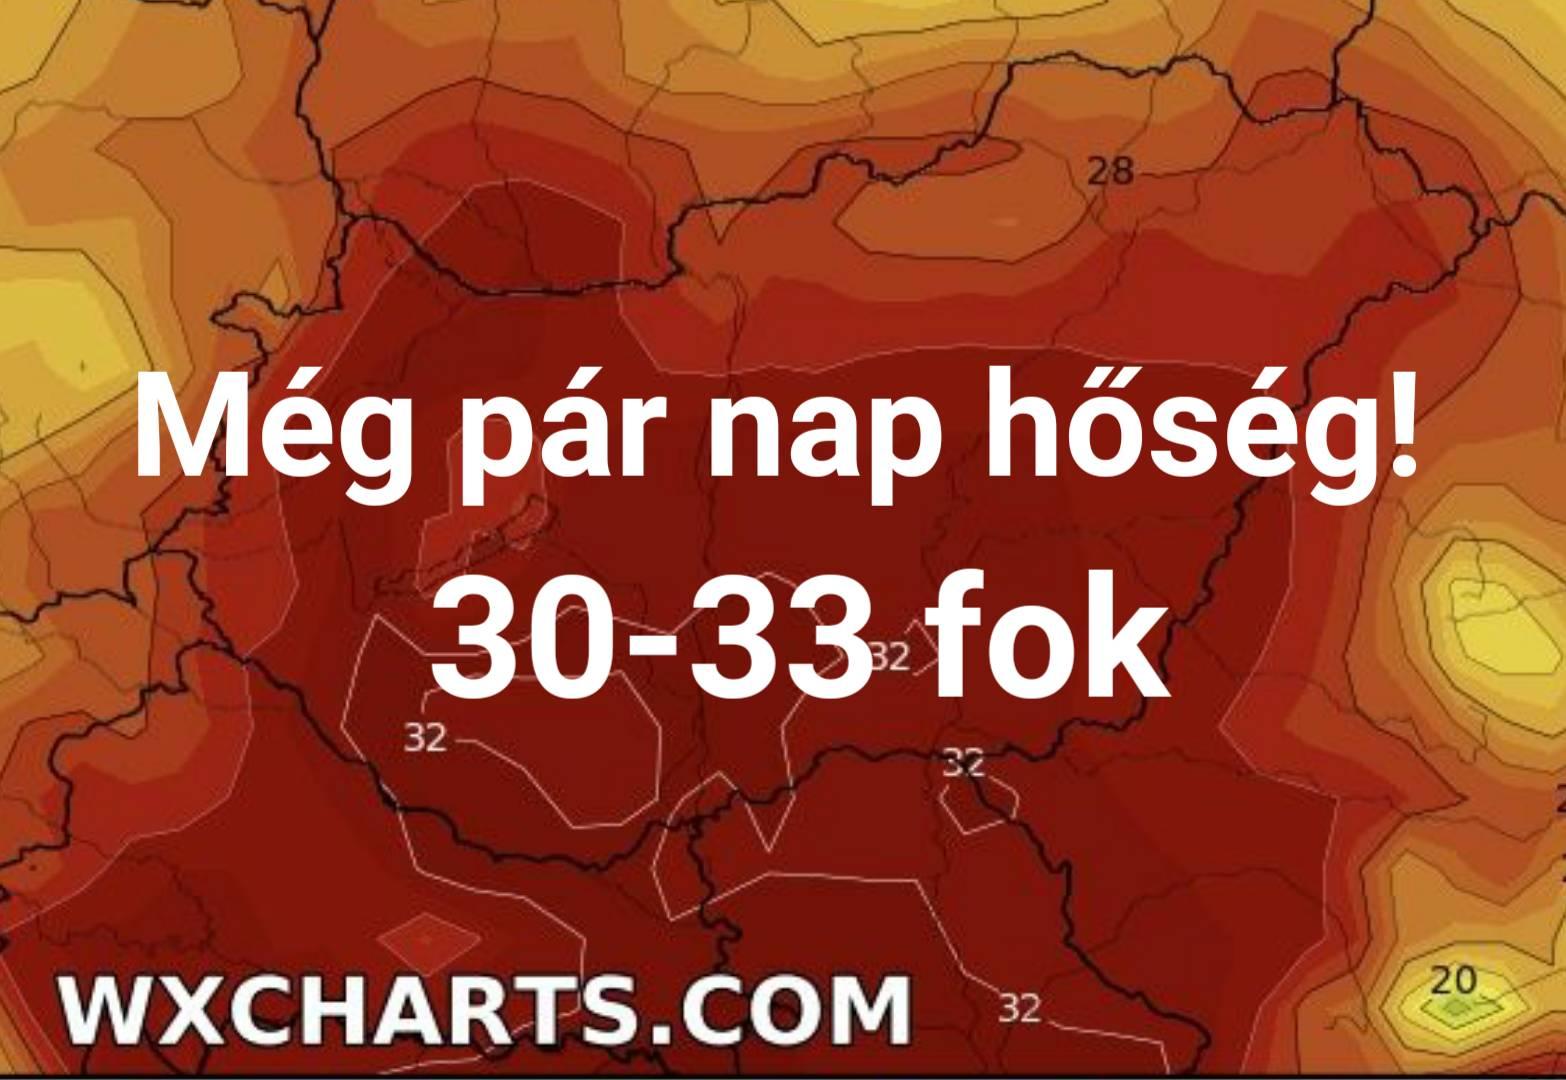 Még pár nap hőség, 30-33 fok! 2